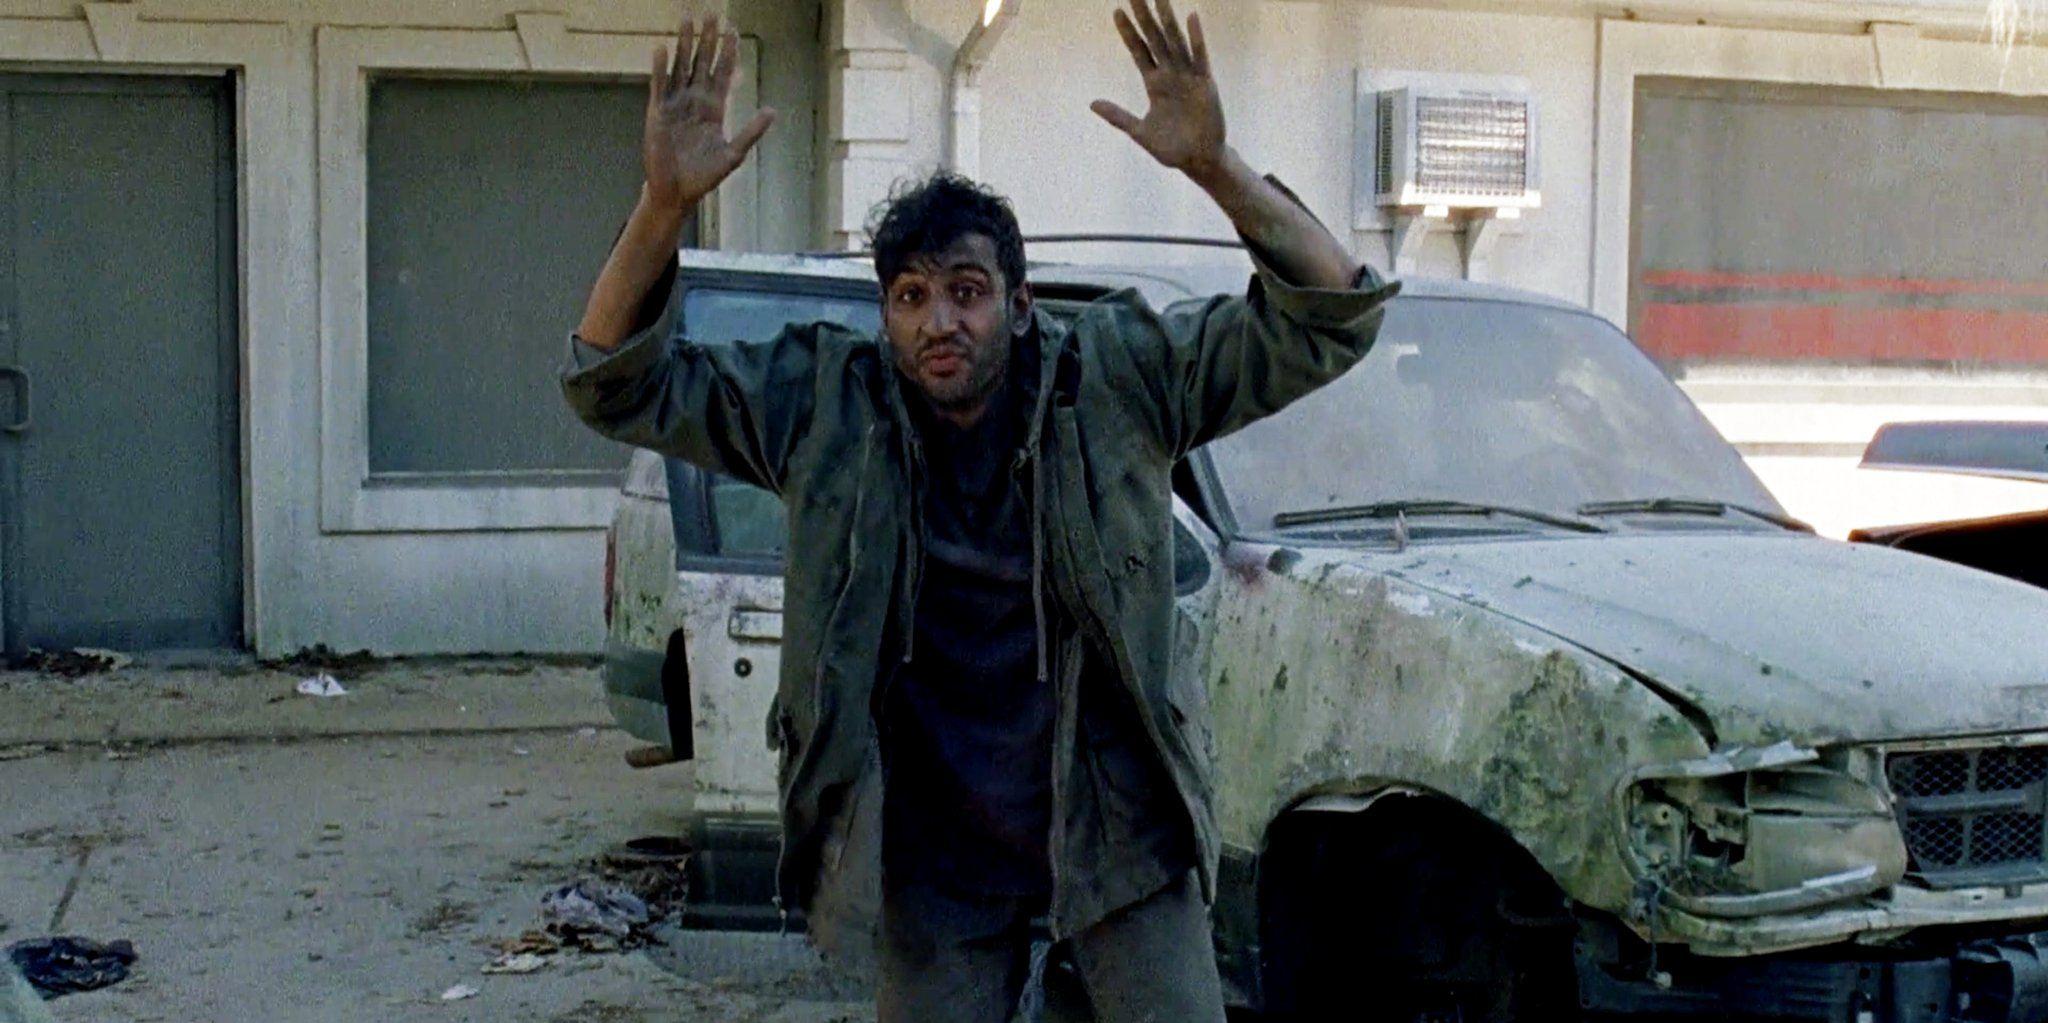 Siddiq in The Walking Dead